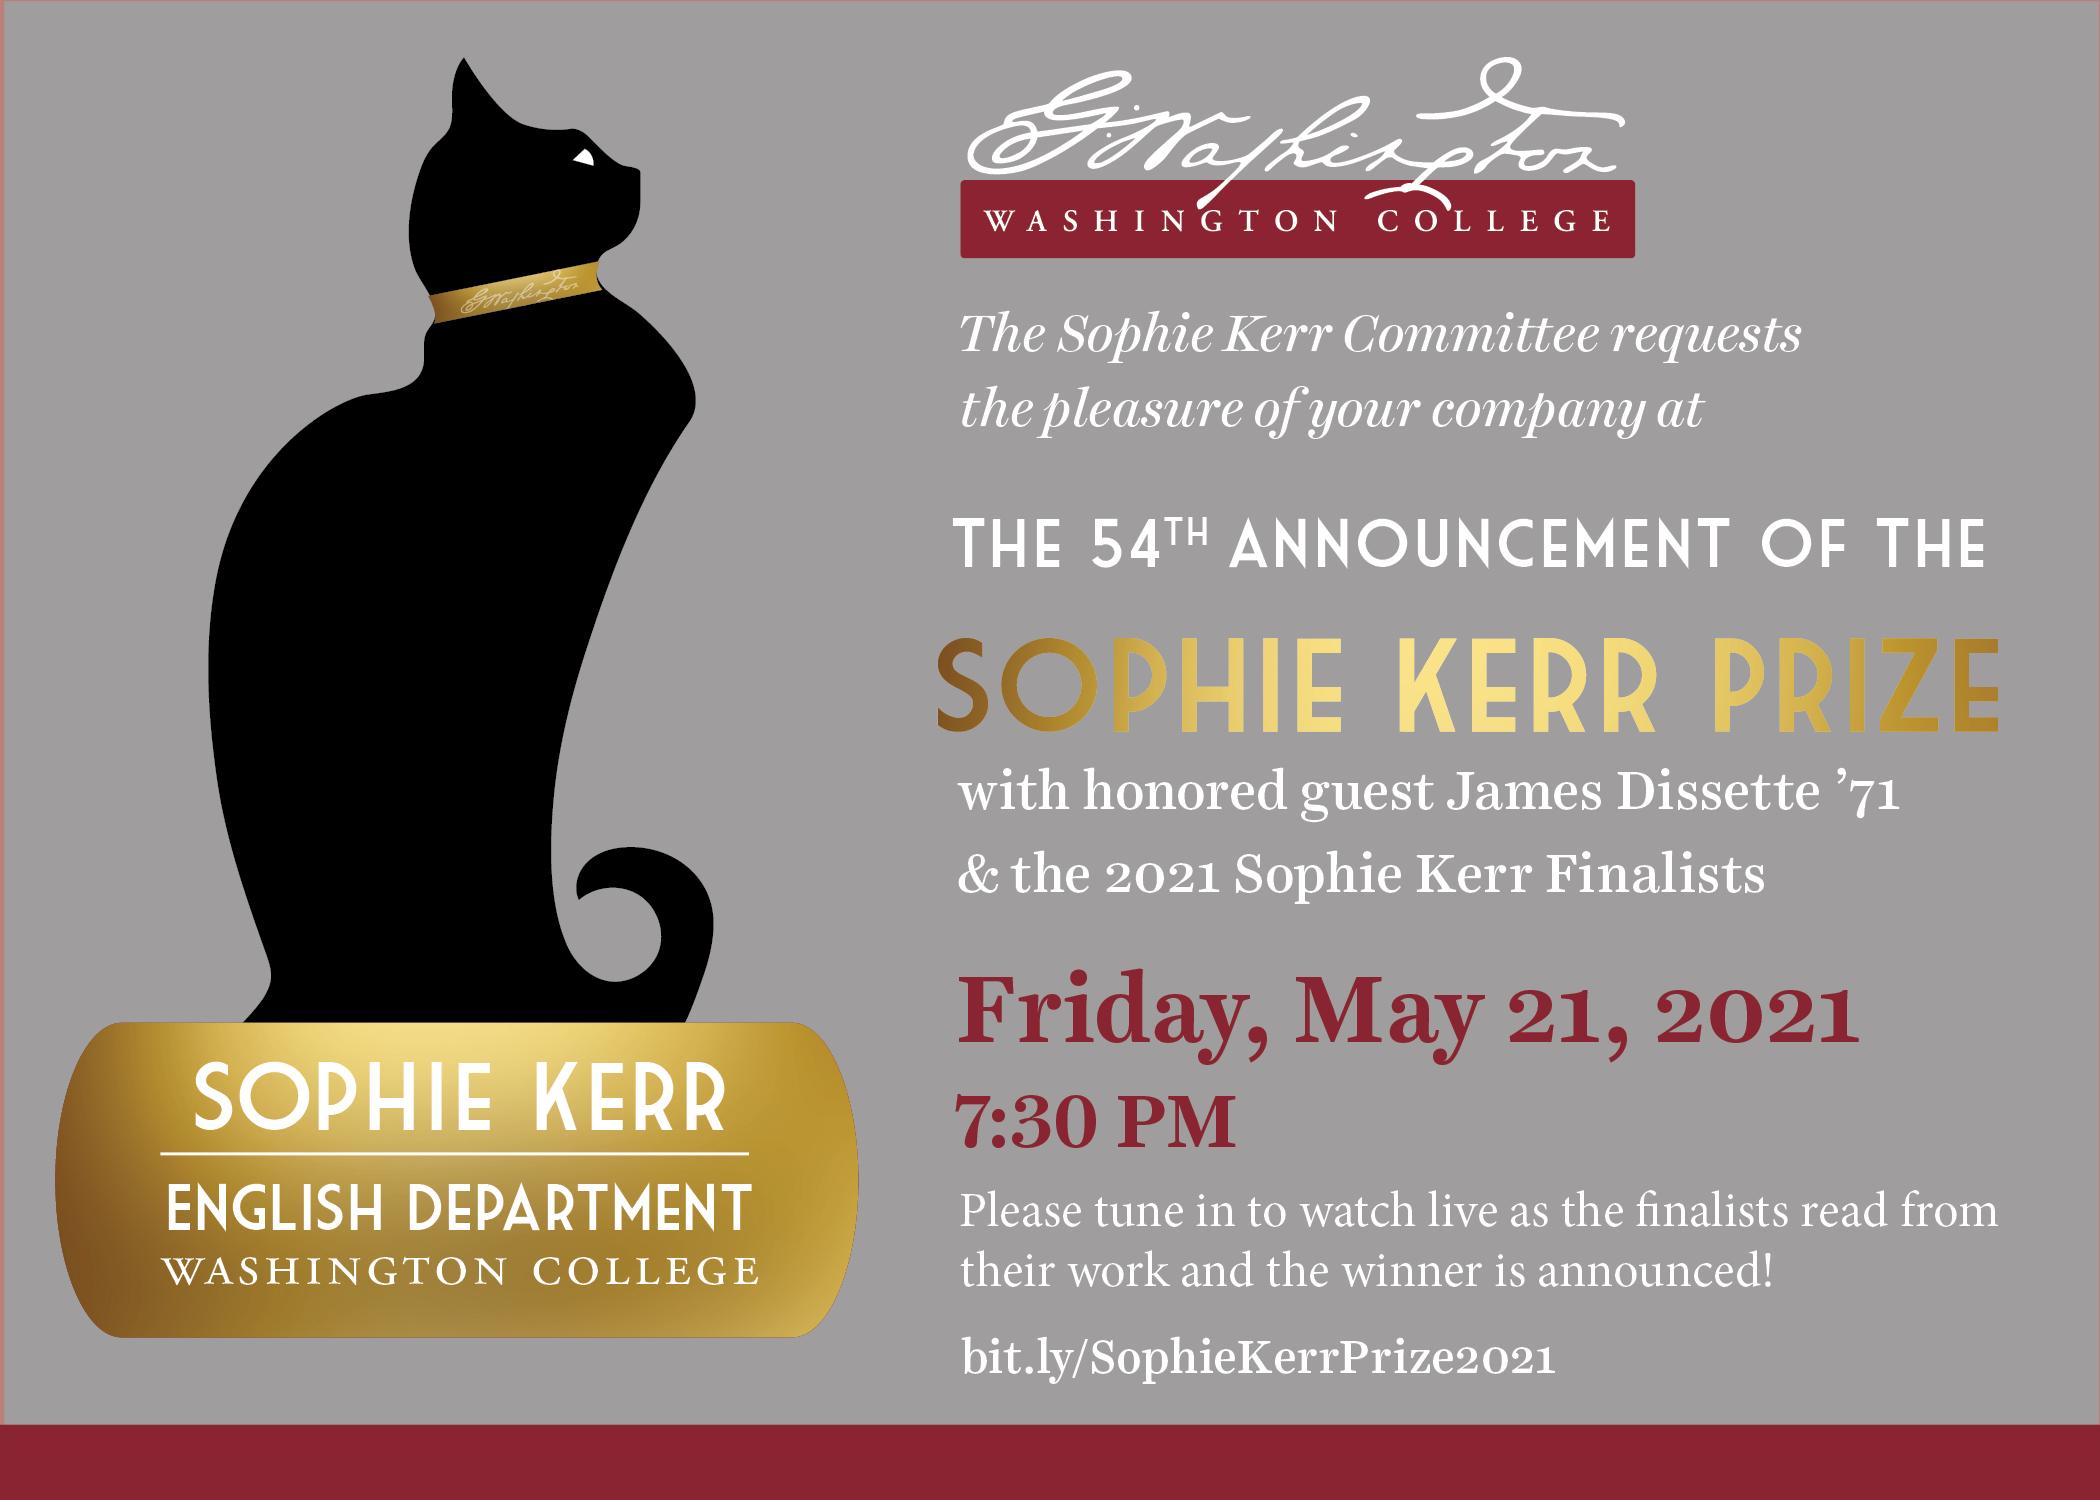 Sophie Kerr Event